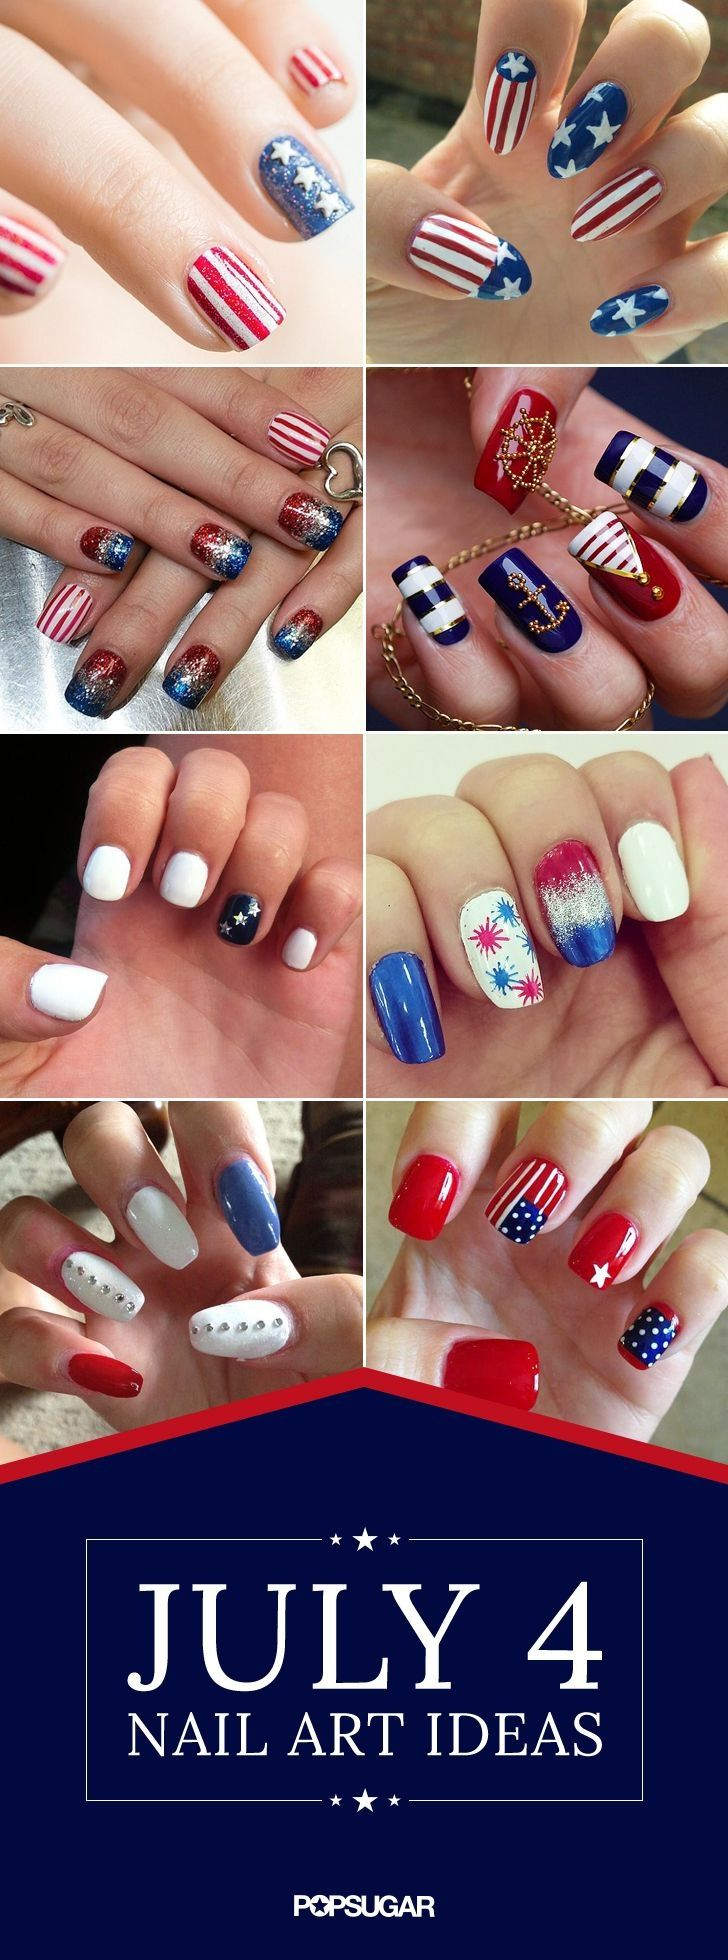 4 July nail ideas............